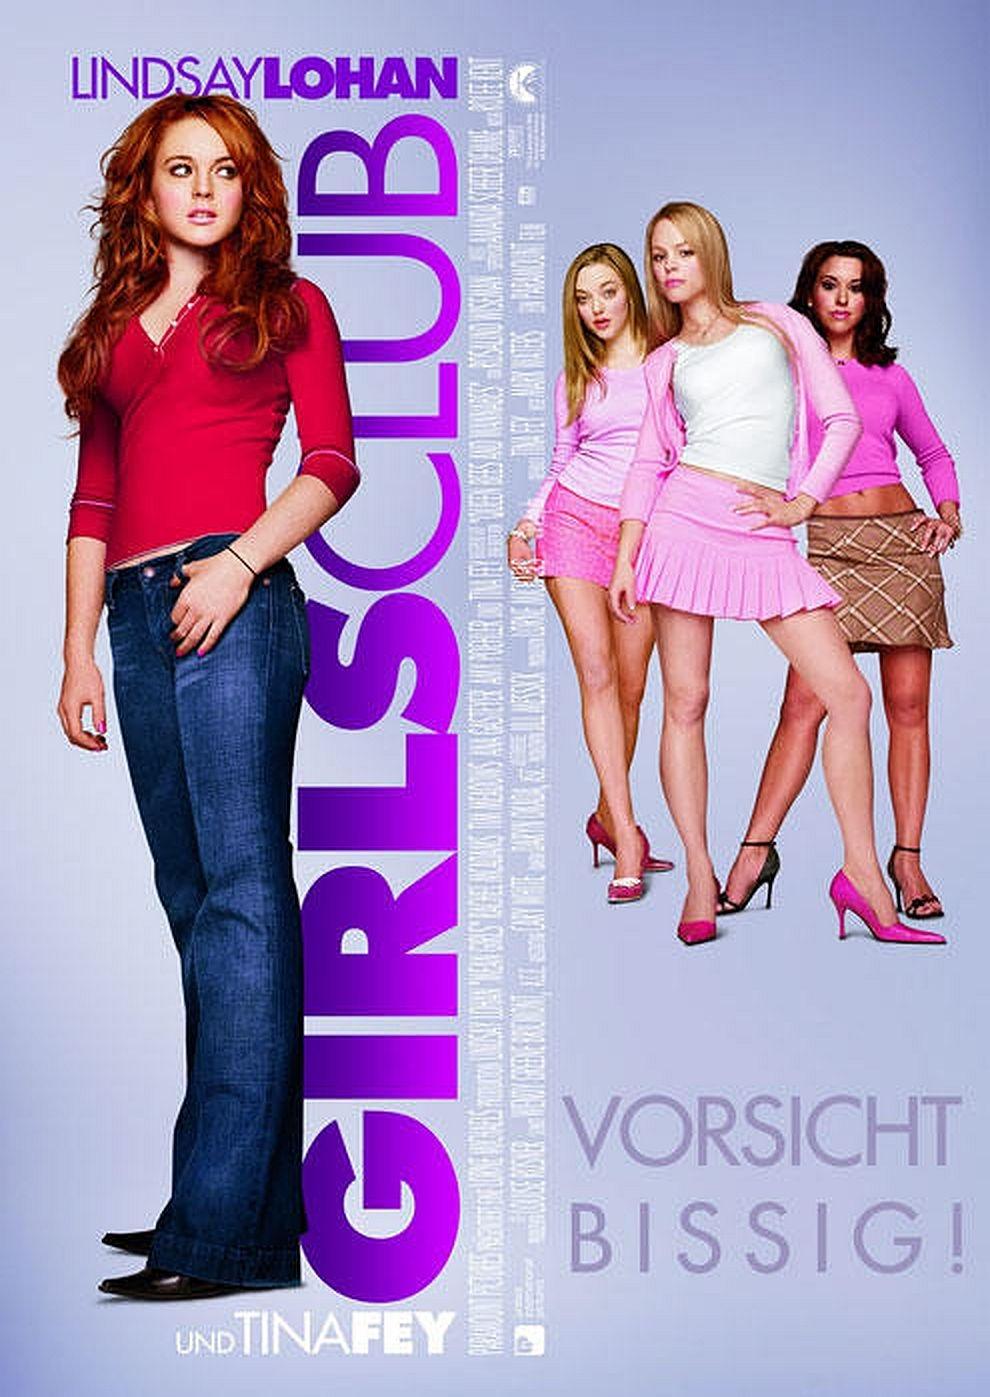 Girls Club - Vorsicht bissig! (Poster)